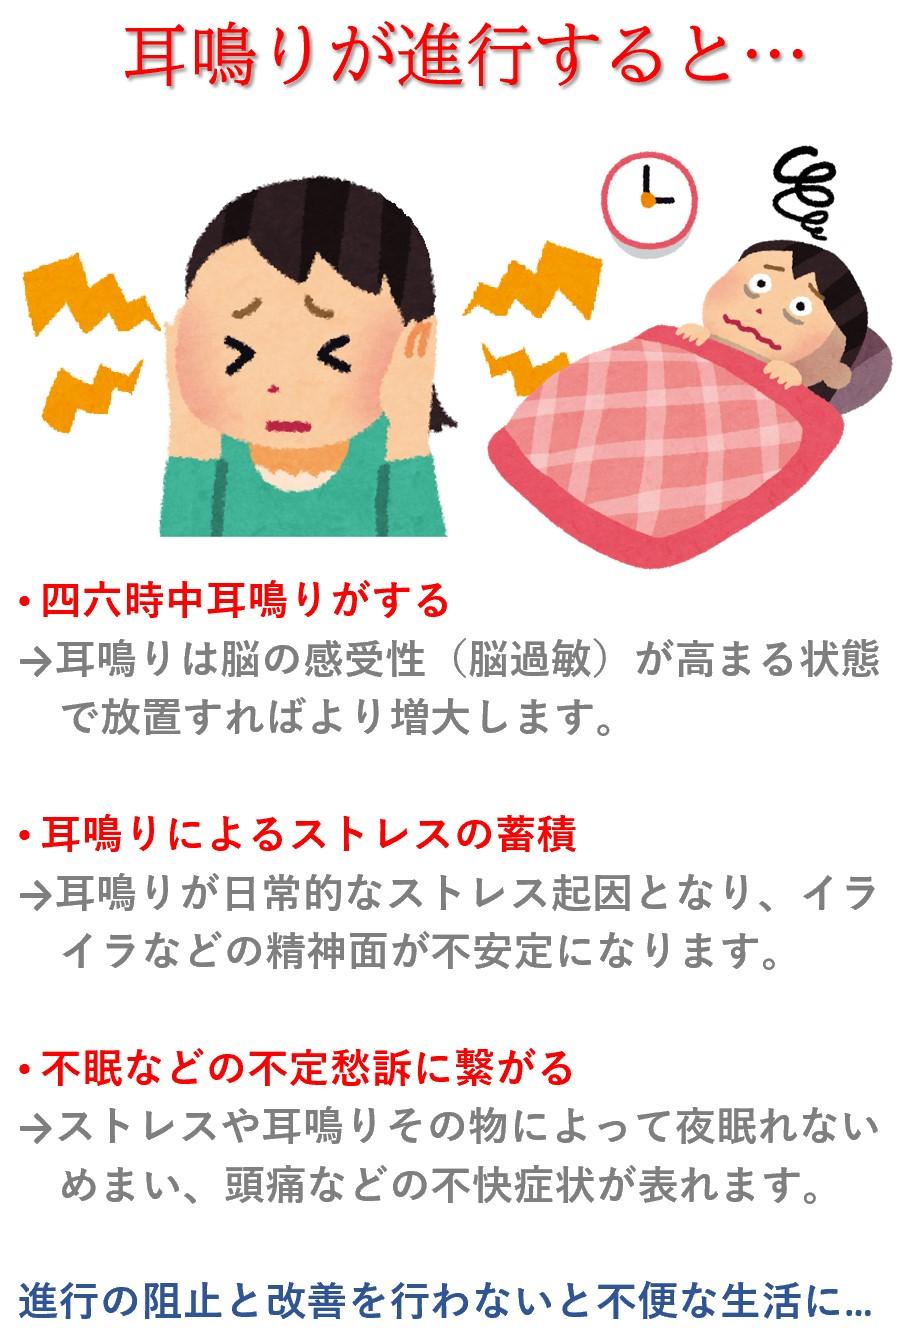 難聴や耳鳴りを放っておくと「脳が聞こえない音を拾う為にどんどん感受性を高めようとして興奮状態が増加する→耳鳴りの増加につながる→ストレスや不眠、気持ちの落ち込みに繋がる可能性がある」